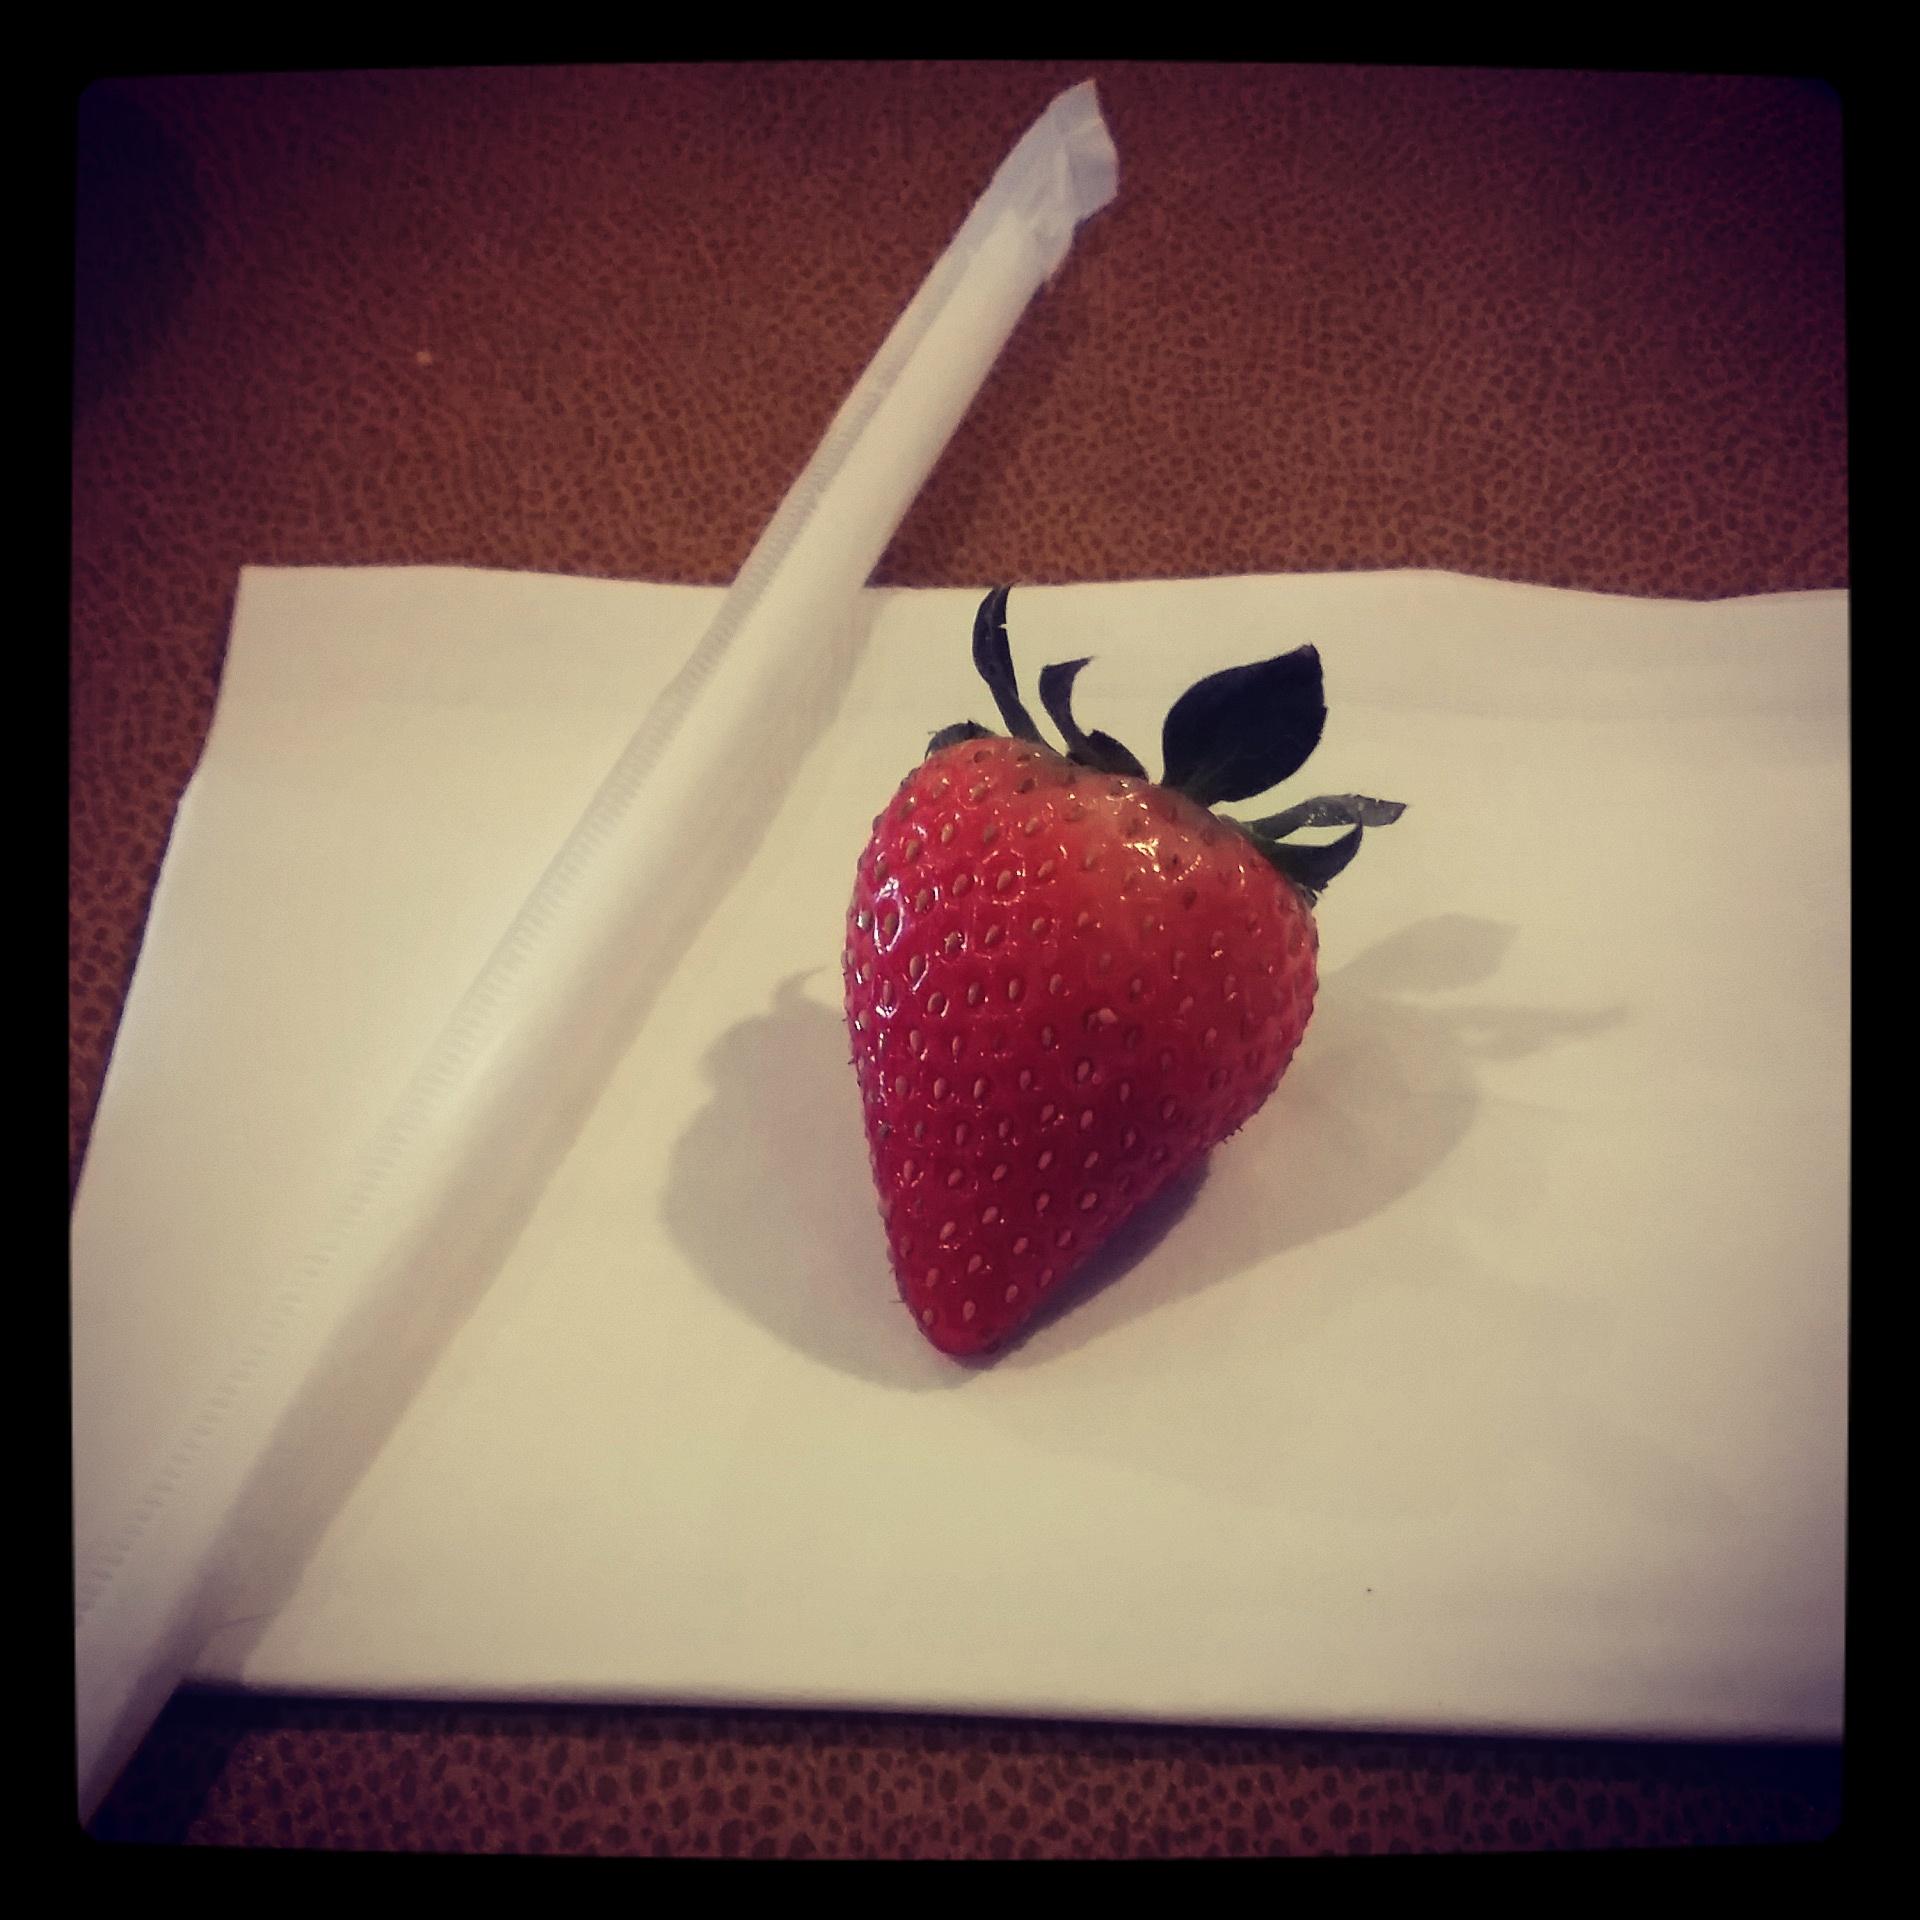 Strawberry Core Hack